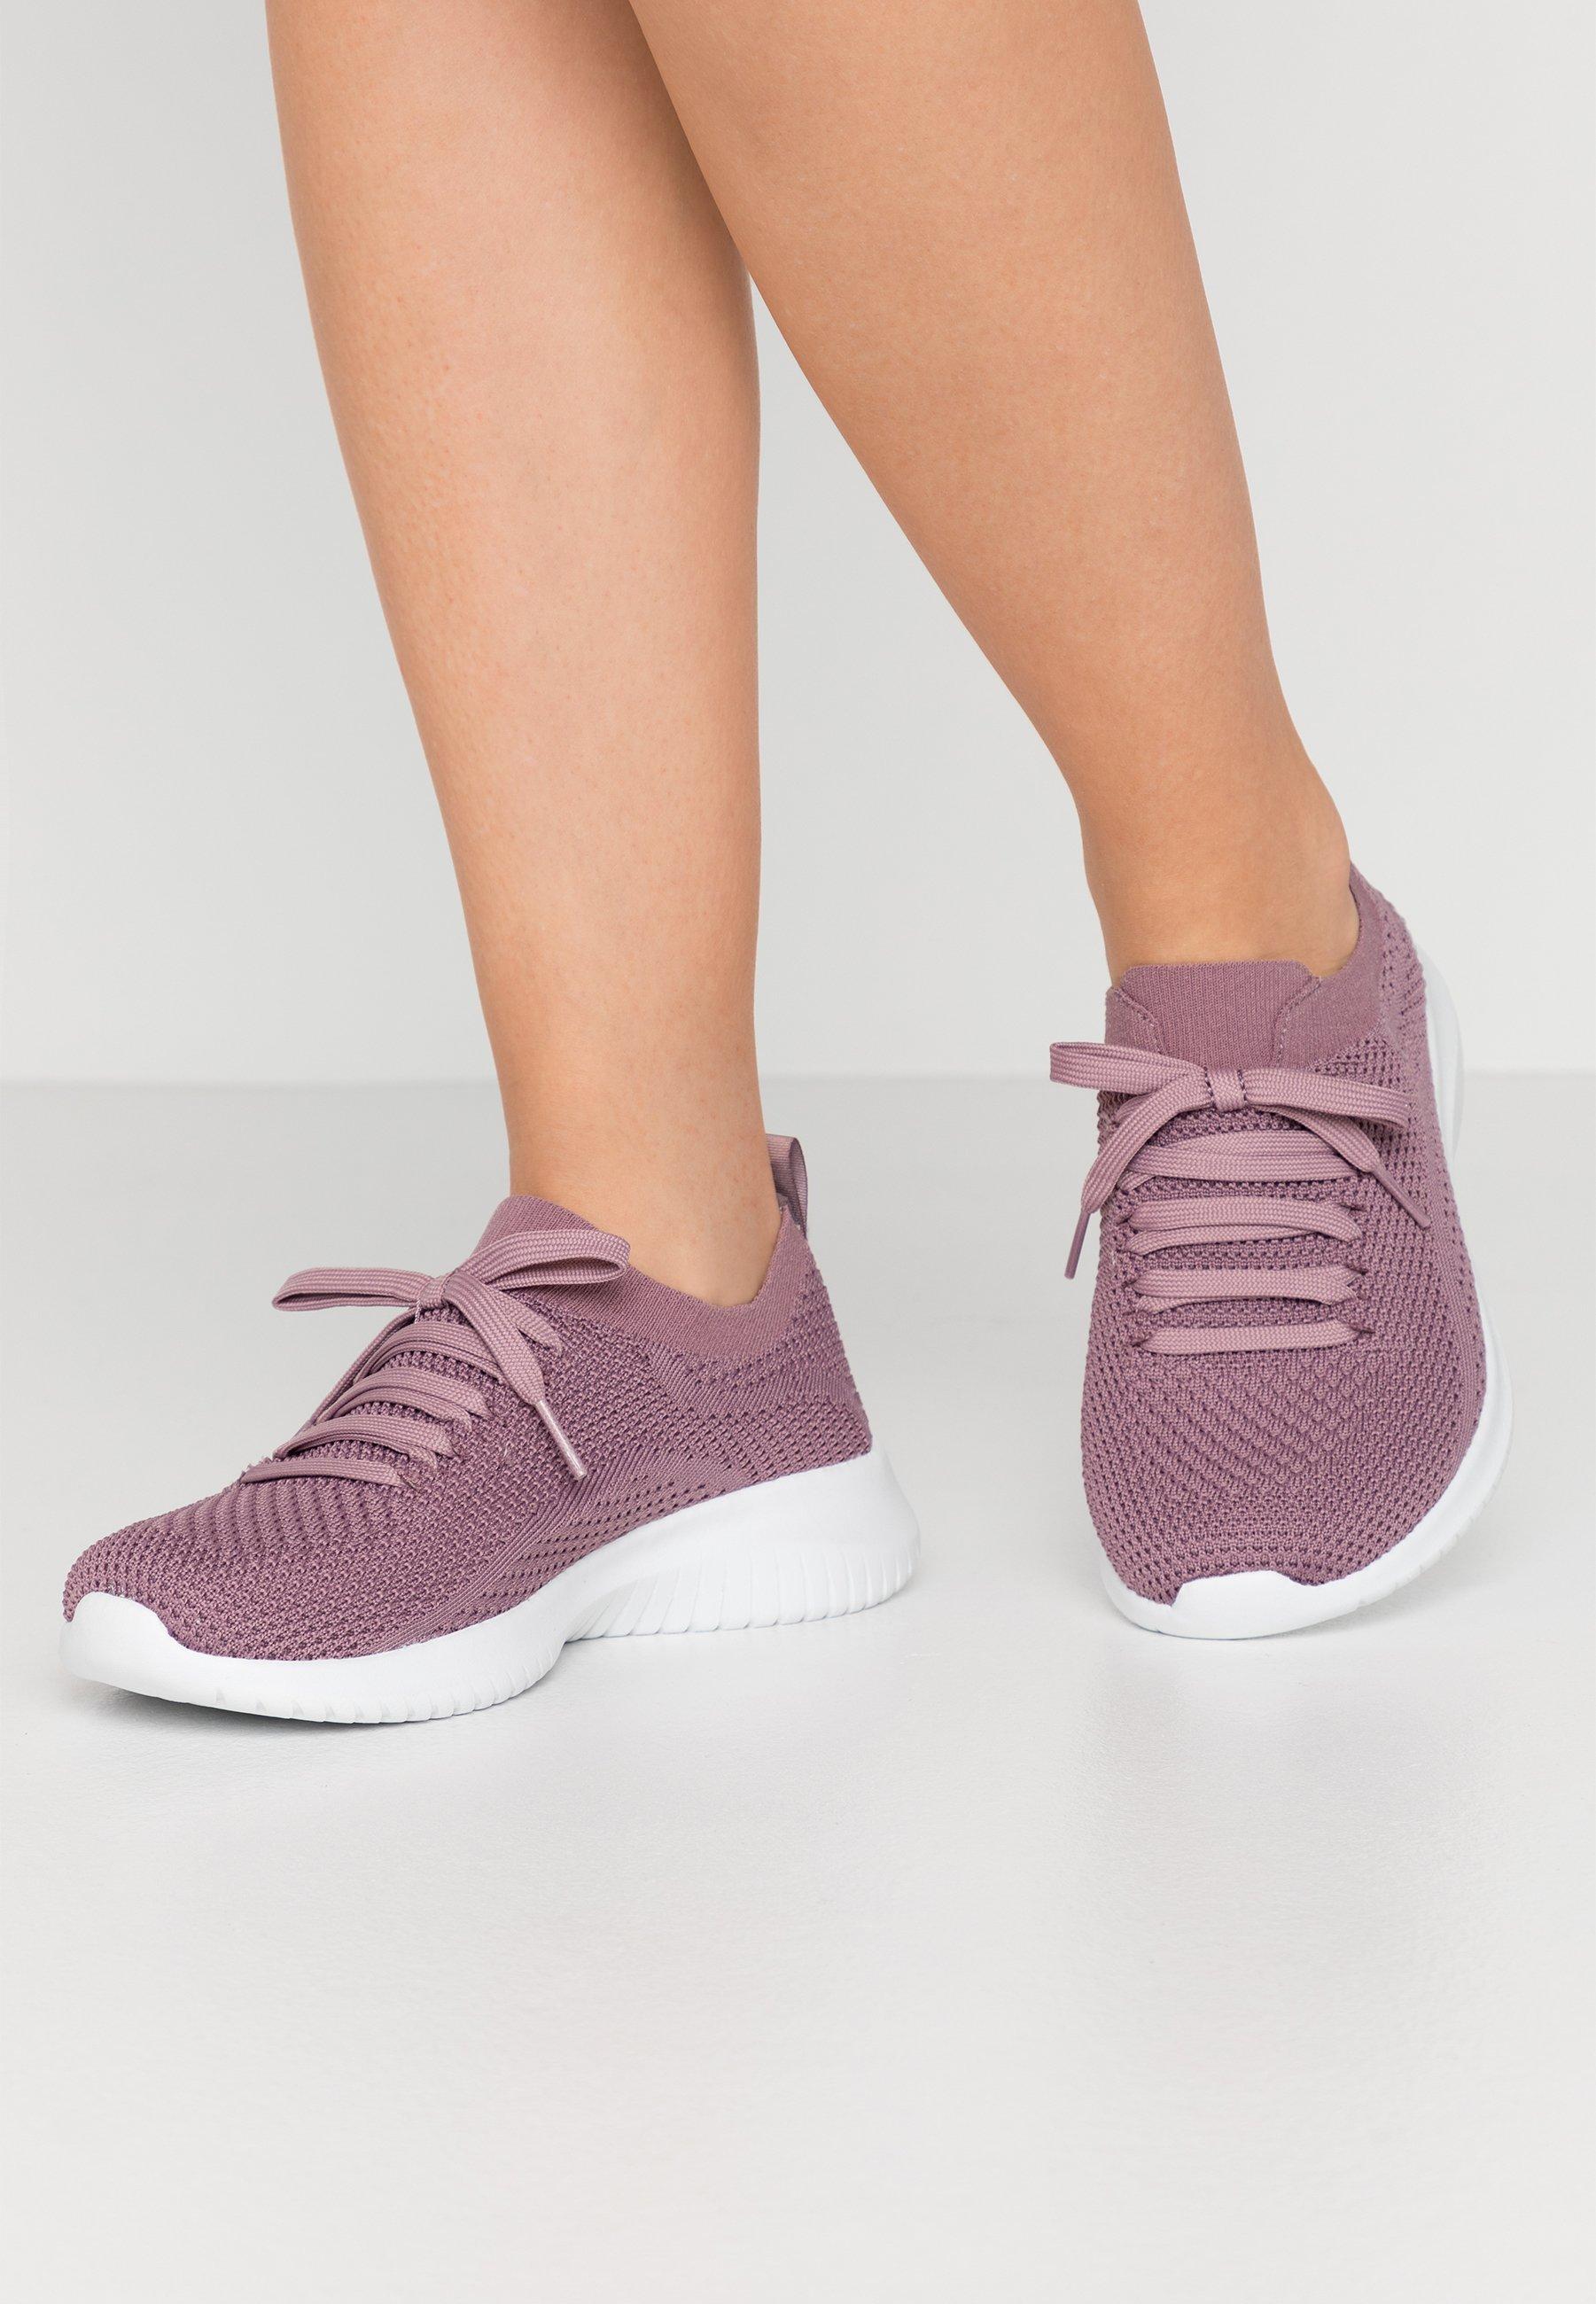 Women WIDE FIT ULTRA FLEX - Slip-ons - purple/white